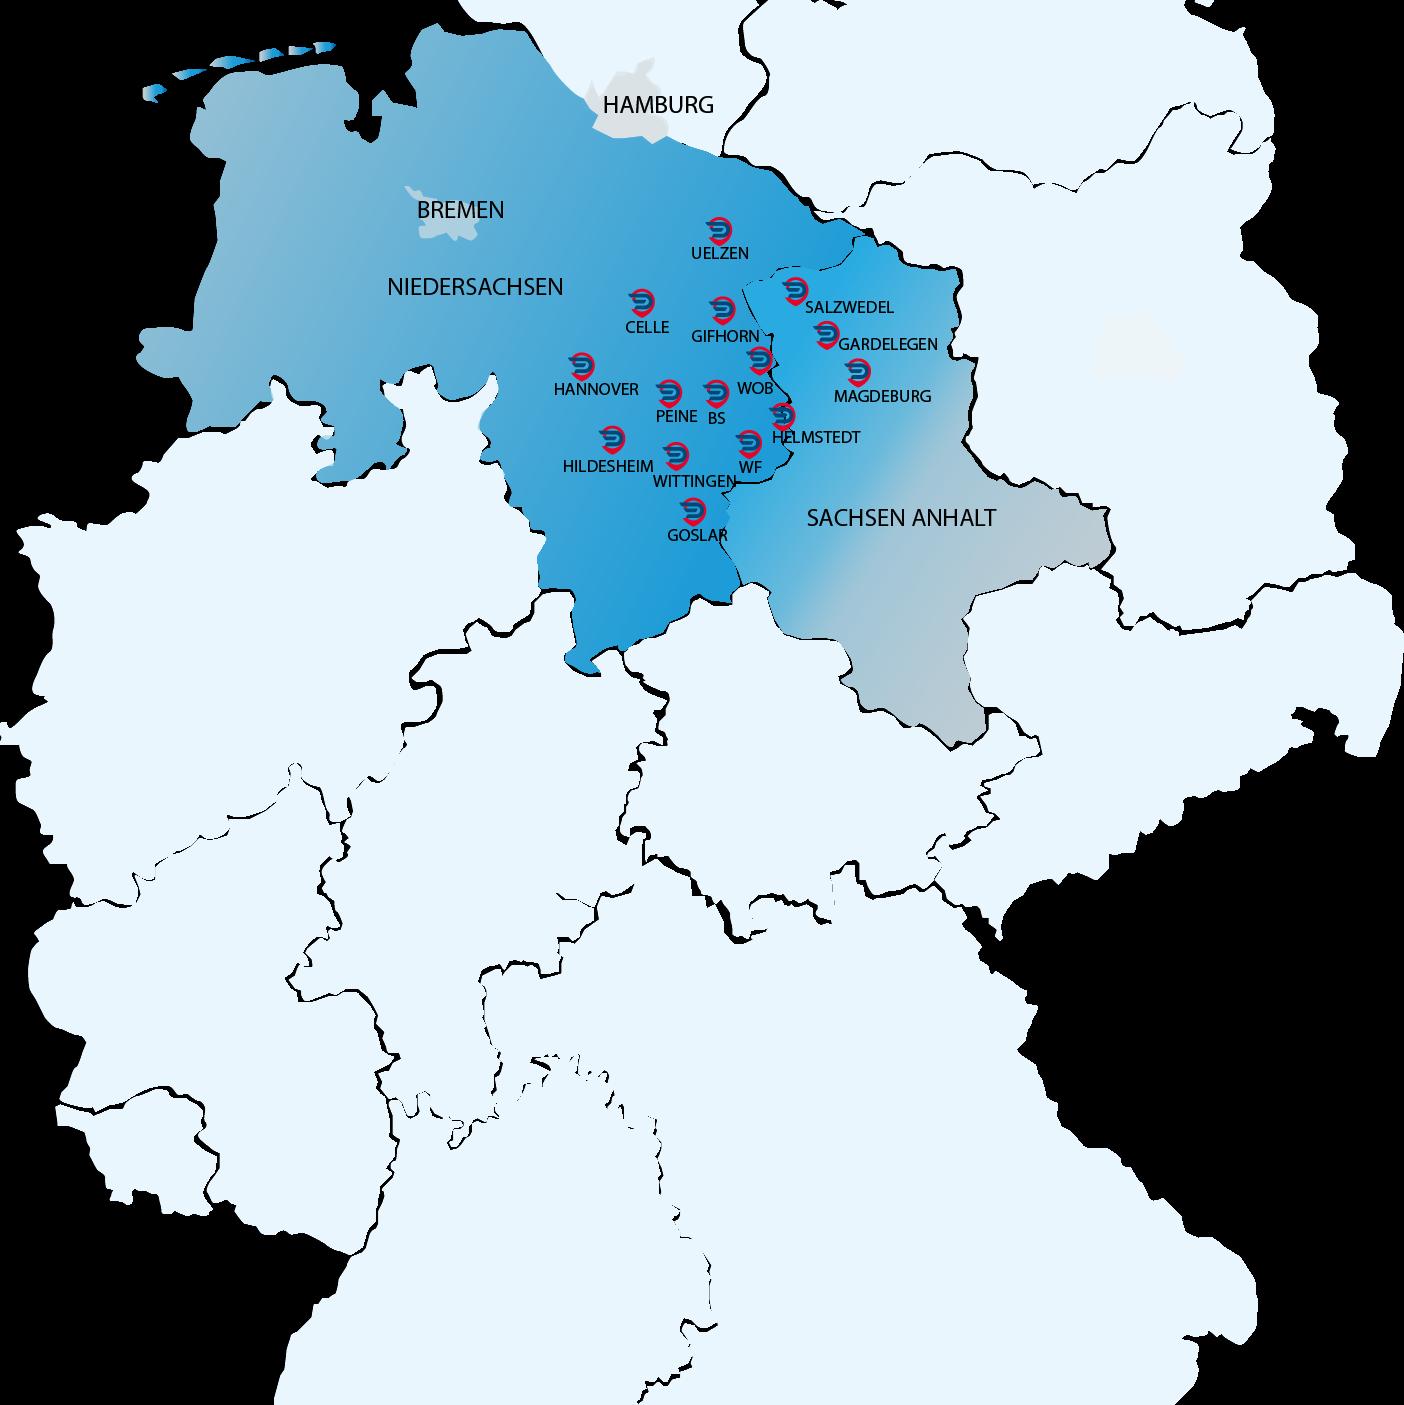 Einsatzgebiet_niedersachsen_wolfsburg_braunschweig_region_gifhorn_wolfenbuettel_celle_gardelegen_magdeburg_salzgitter